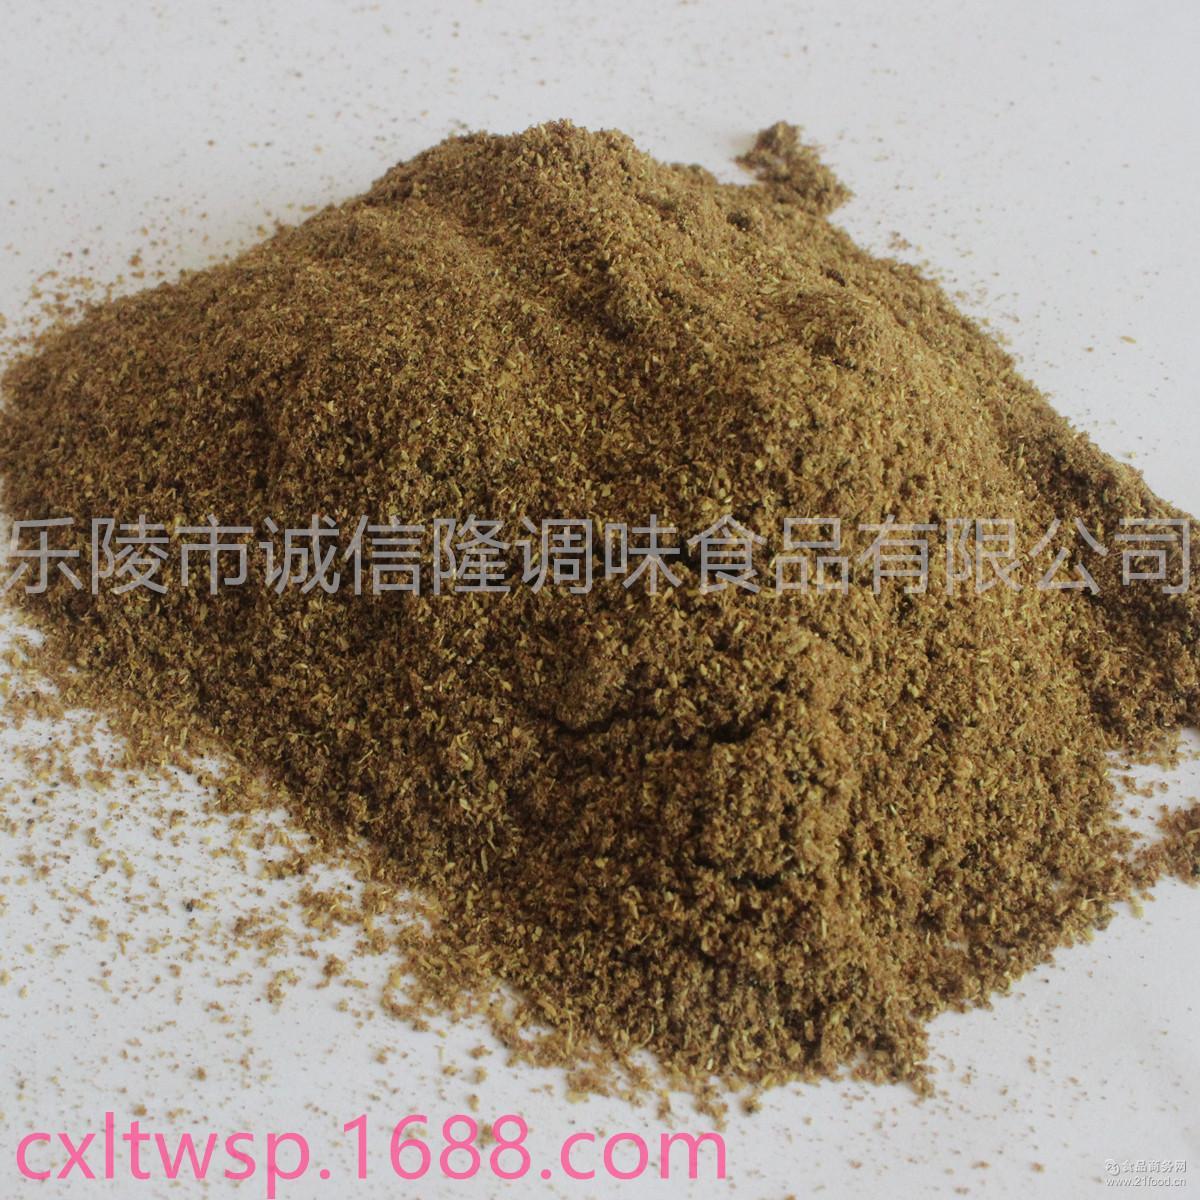 花椒粉 精选优质级别&,62 供应香料调味品&,62